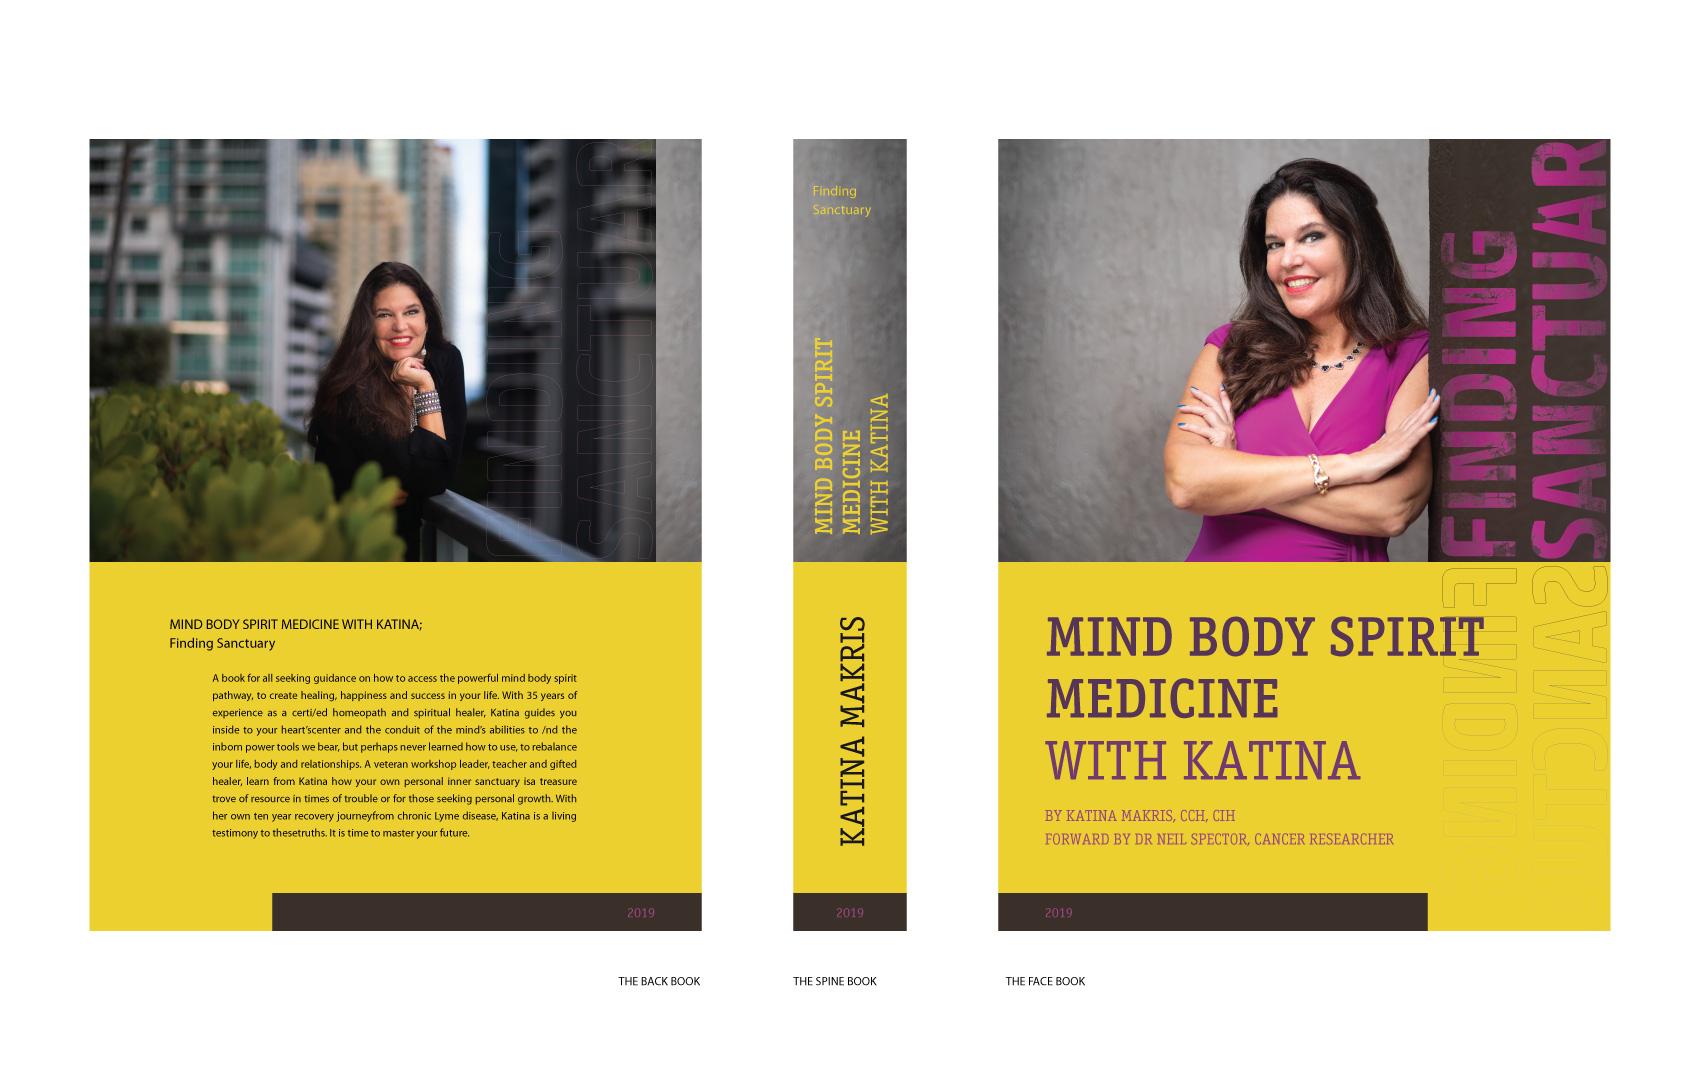 фотосъемка для обложки книги американской писательницы